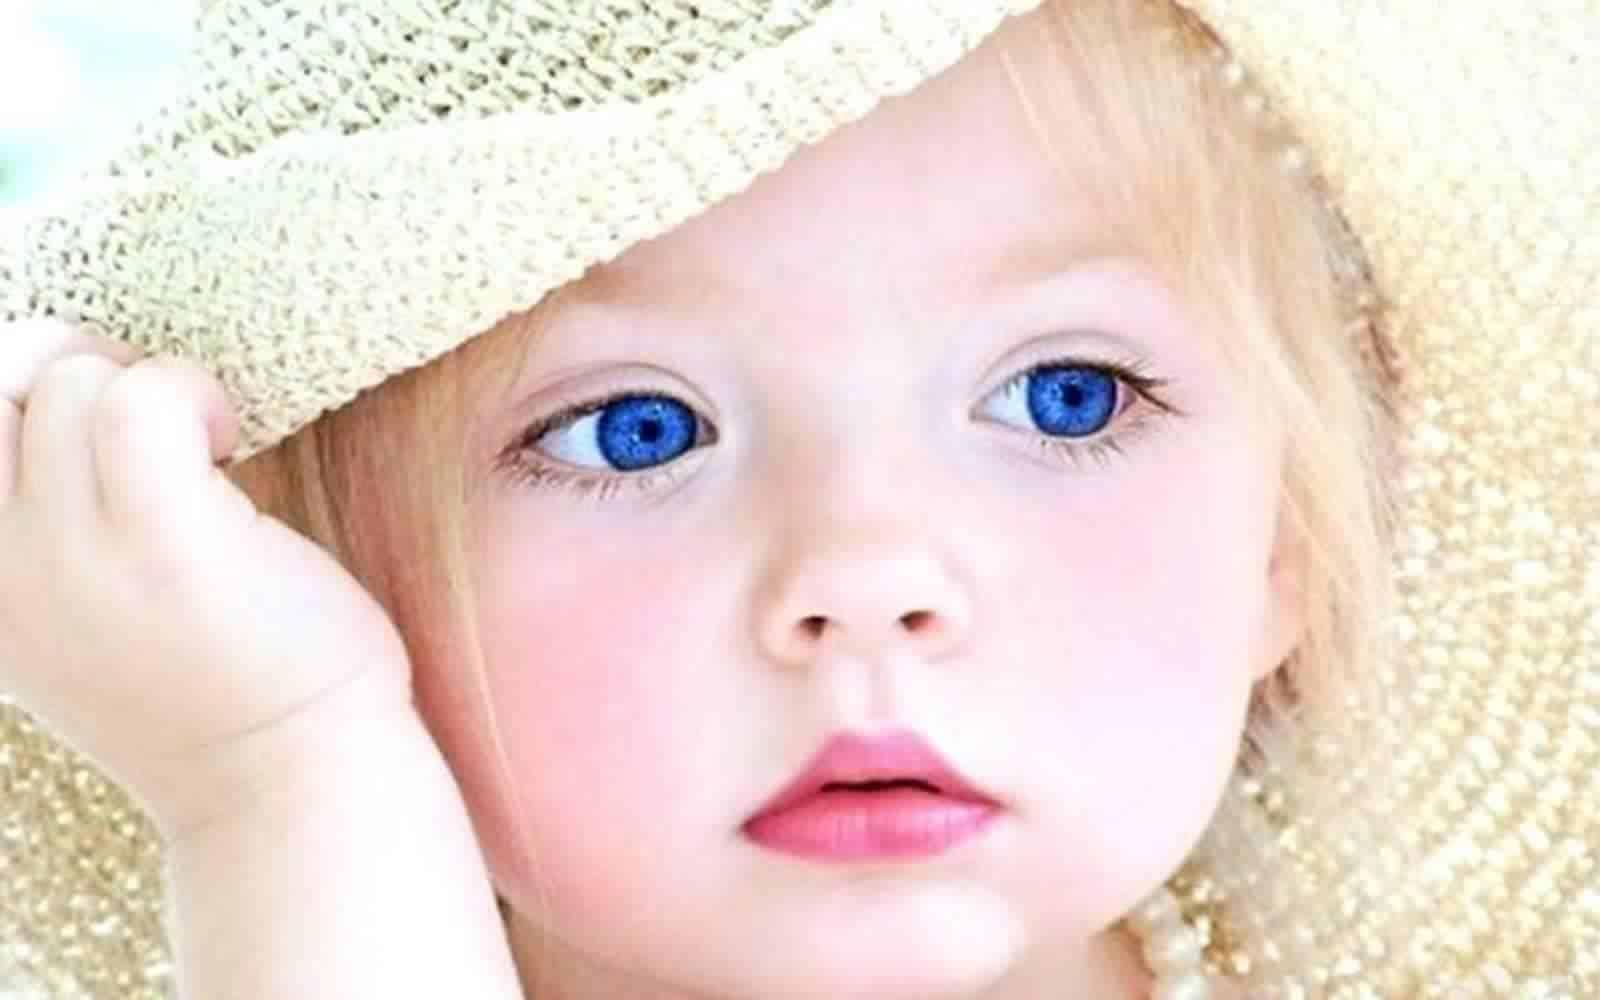 بالصور طفلة جميلة , اجمل البنات فى العالم 2813 10